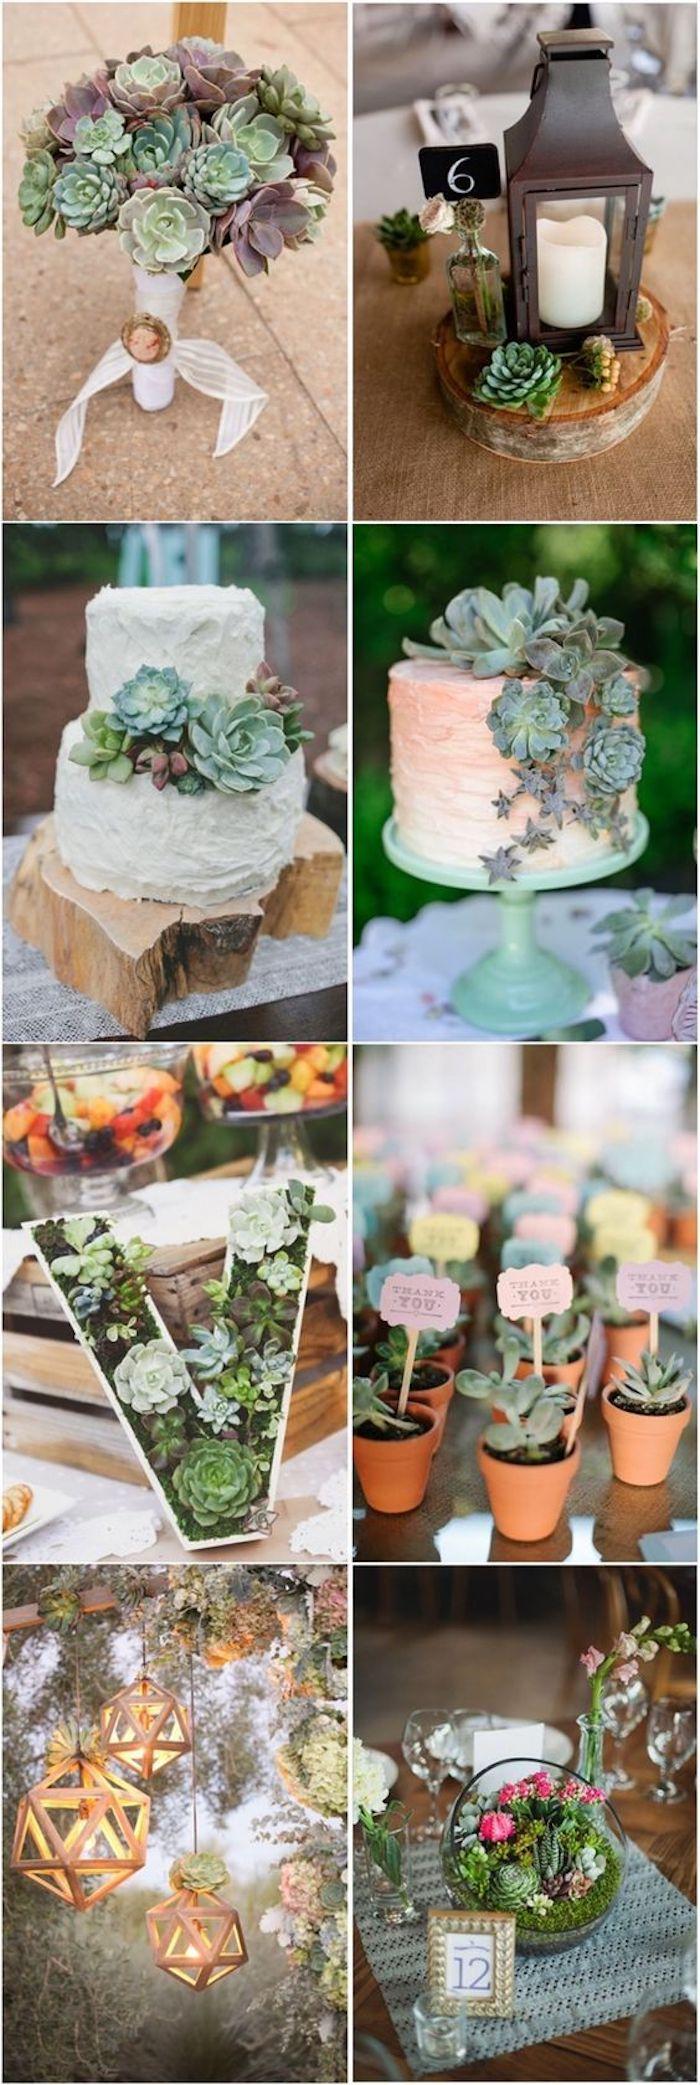 Centre de table fleurie, gateau de mariage original avec vertes decorations, deco champetre, exterieure deco mariage champetre a faire soi-meme